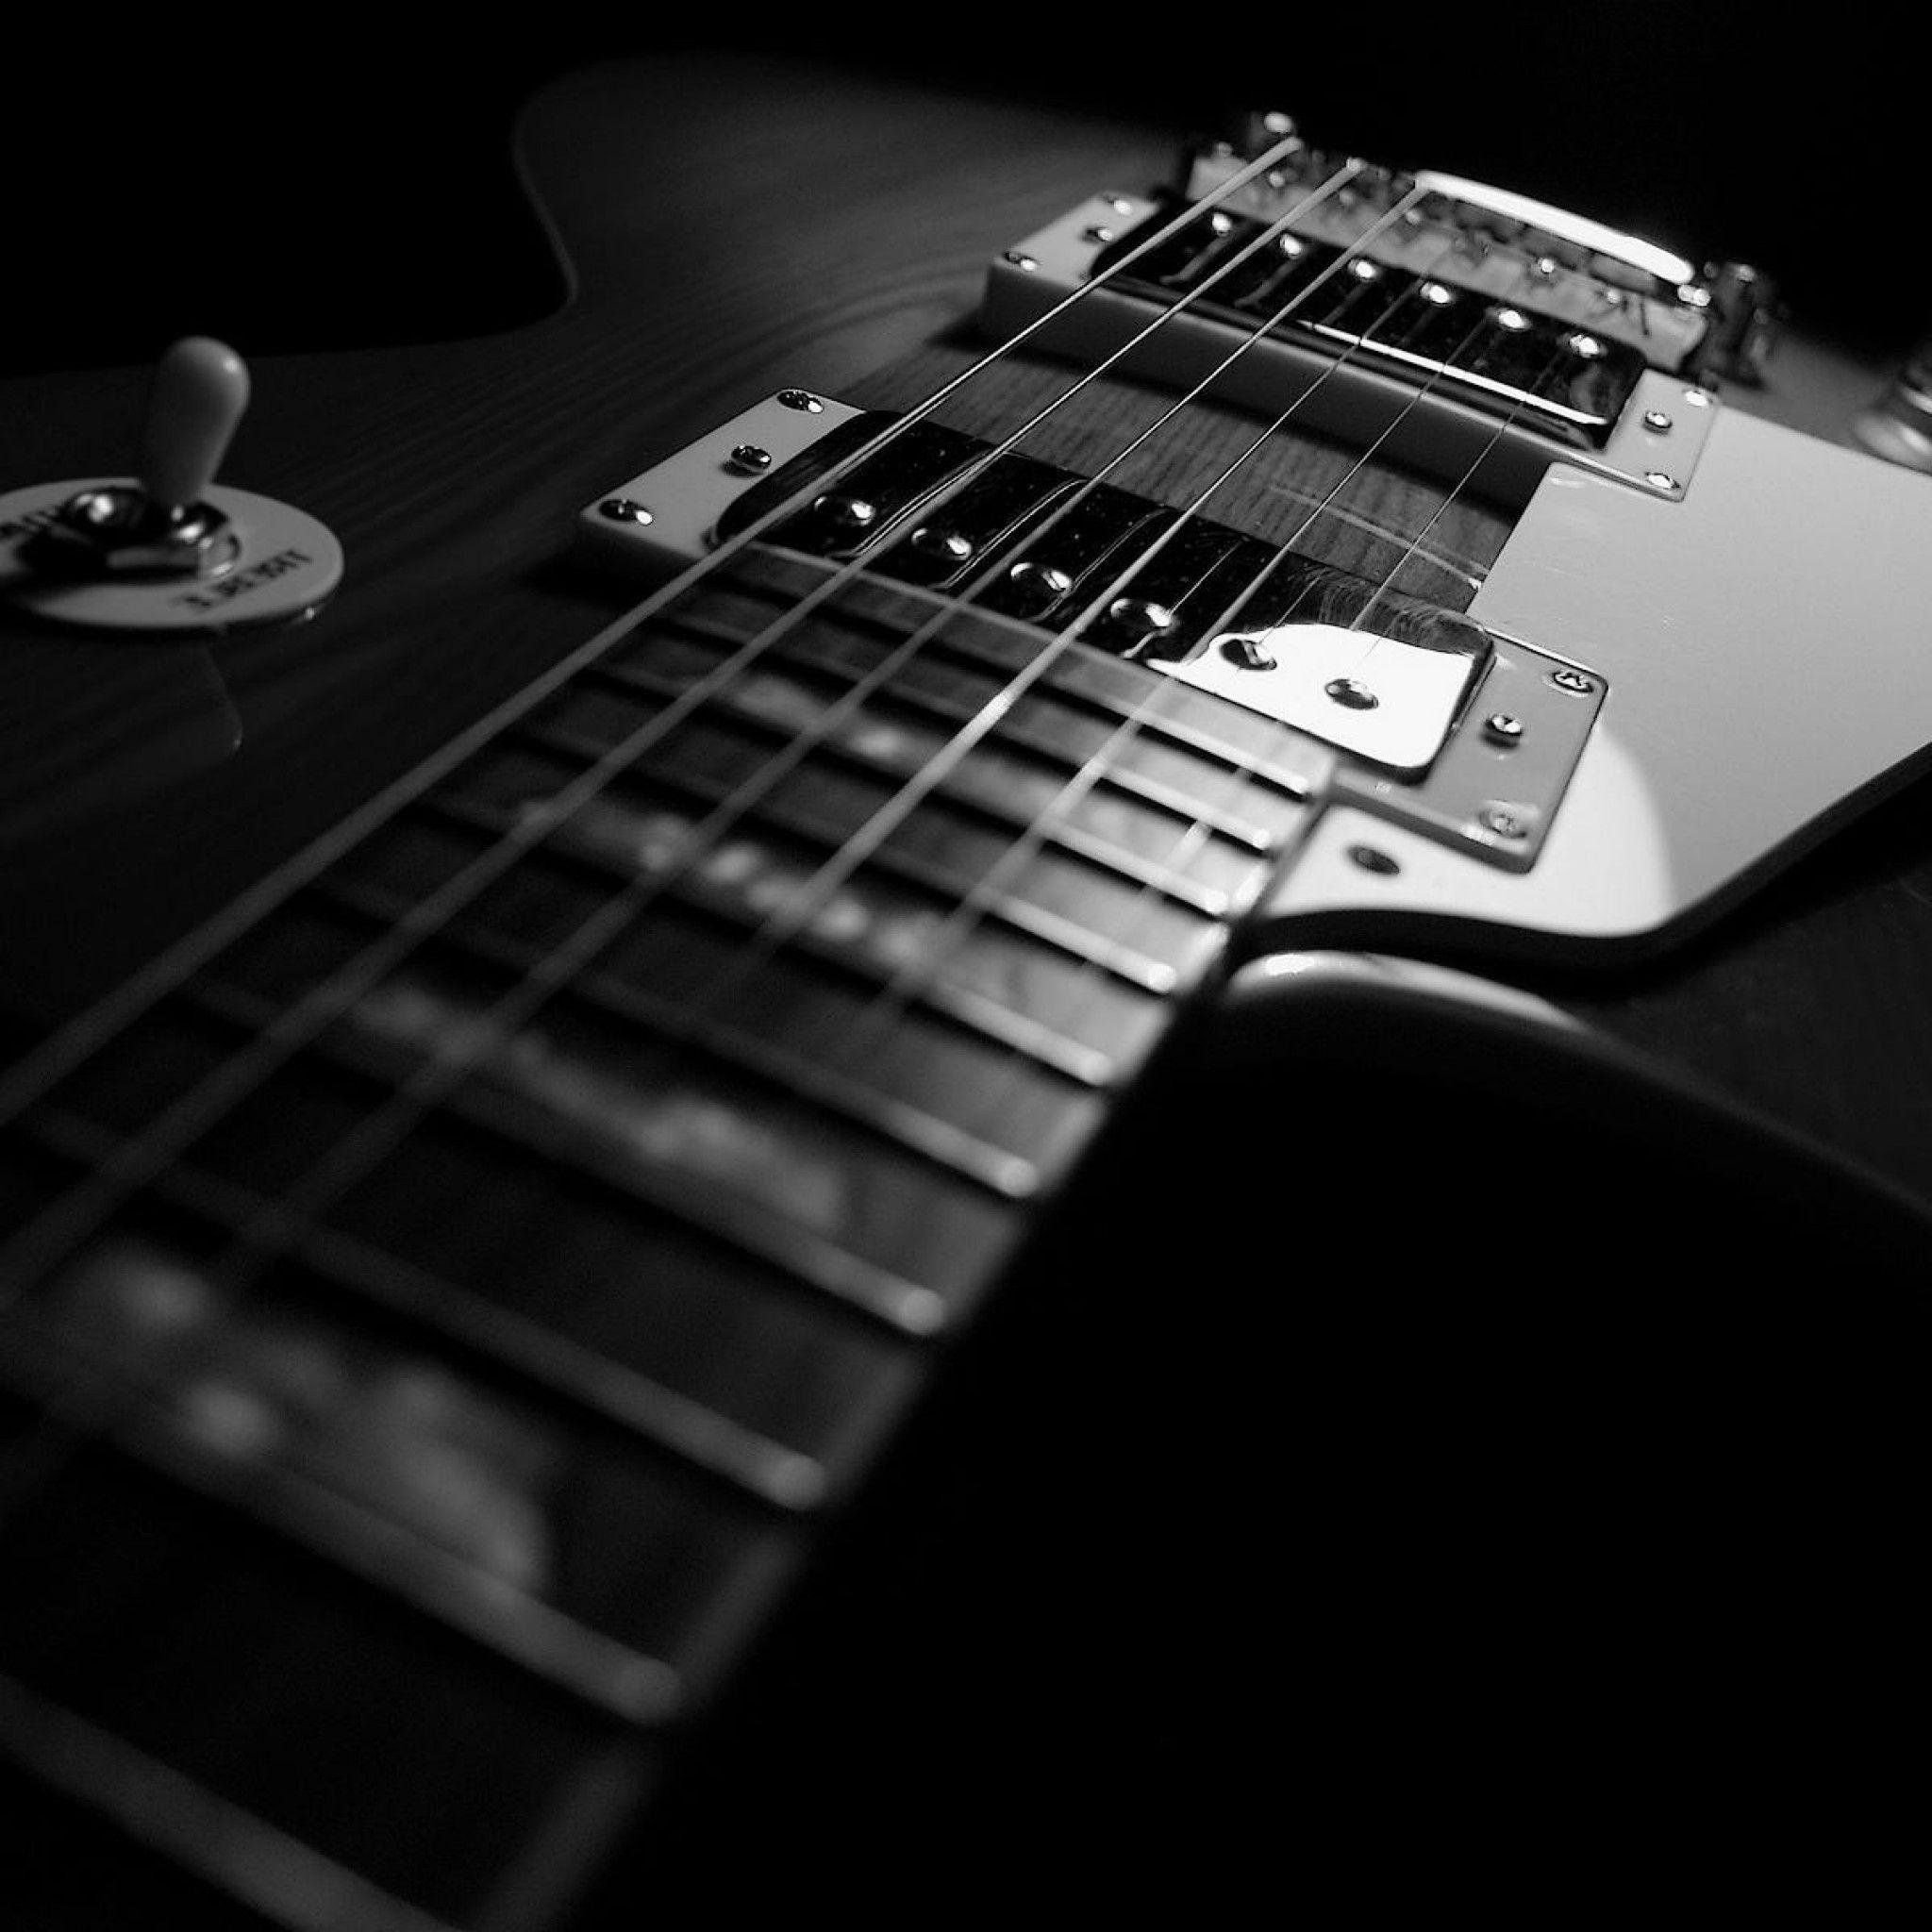 Guitar Wallpaper 4k Iphone